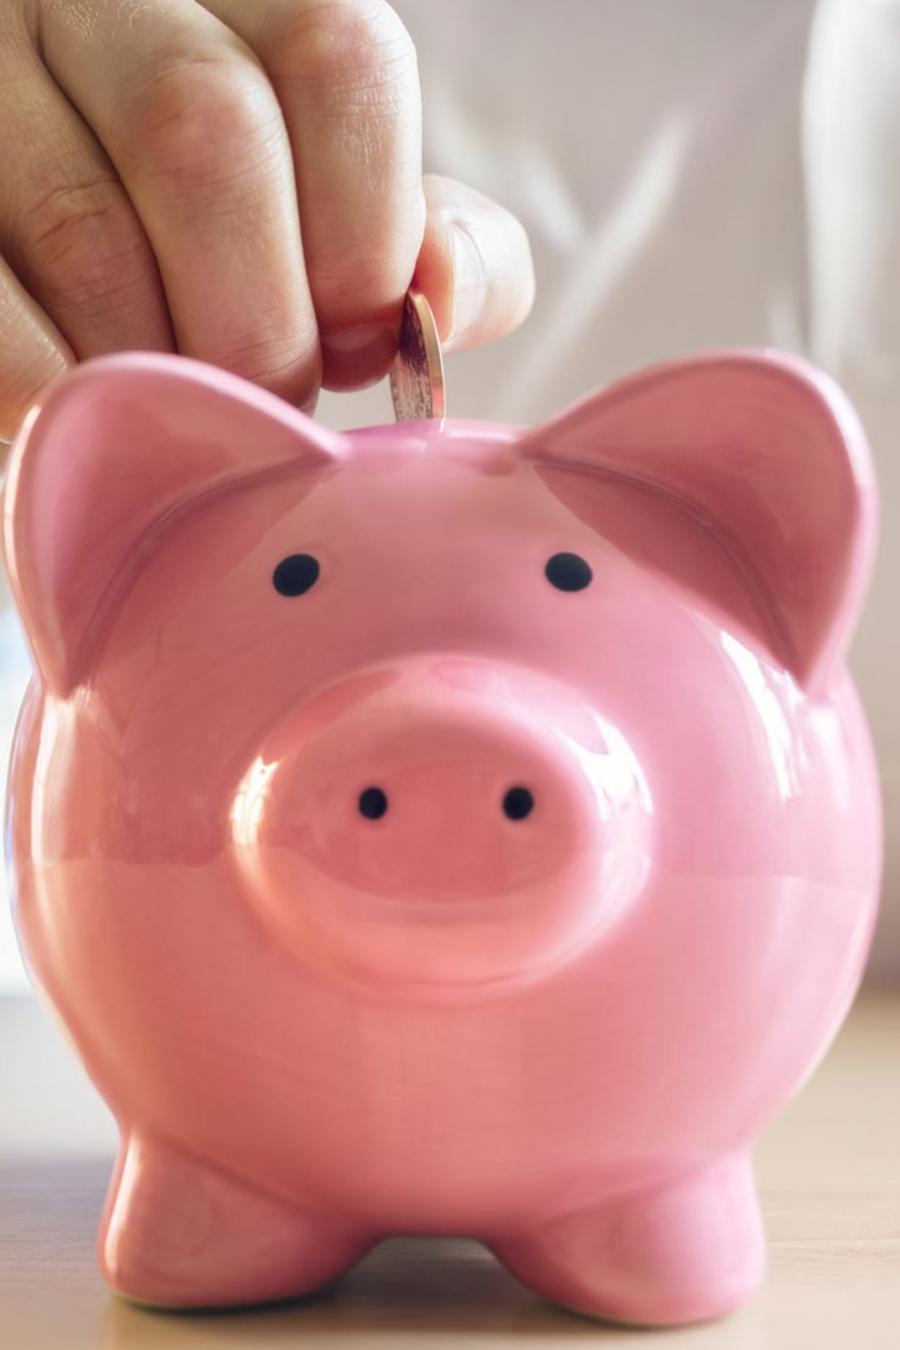 Persona ahorrando